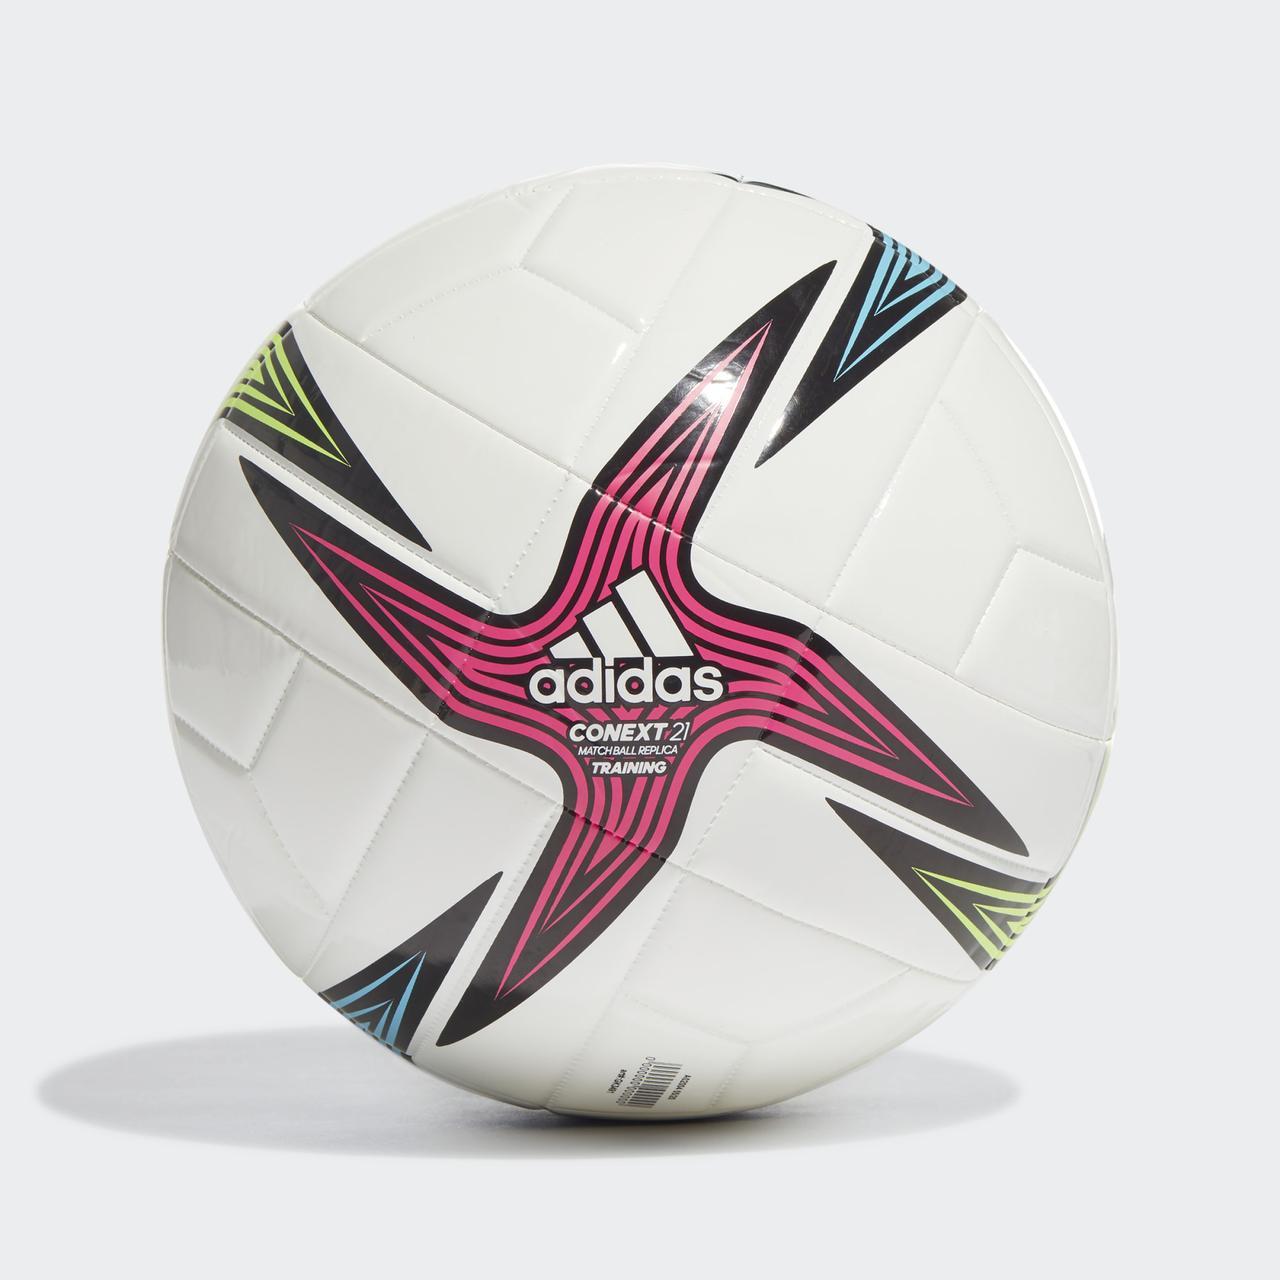 Мяч футбольный Adidas Conext 21 Training Ball №4 GK3491 Белый